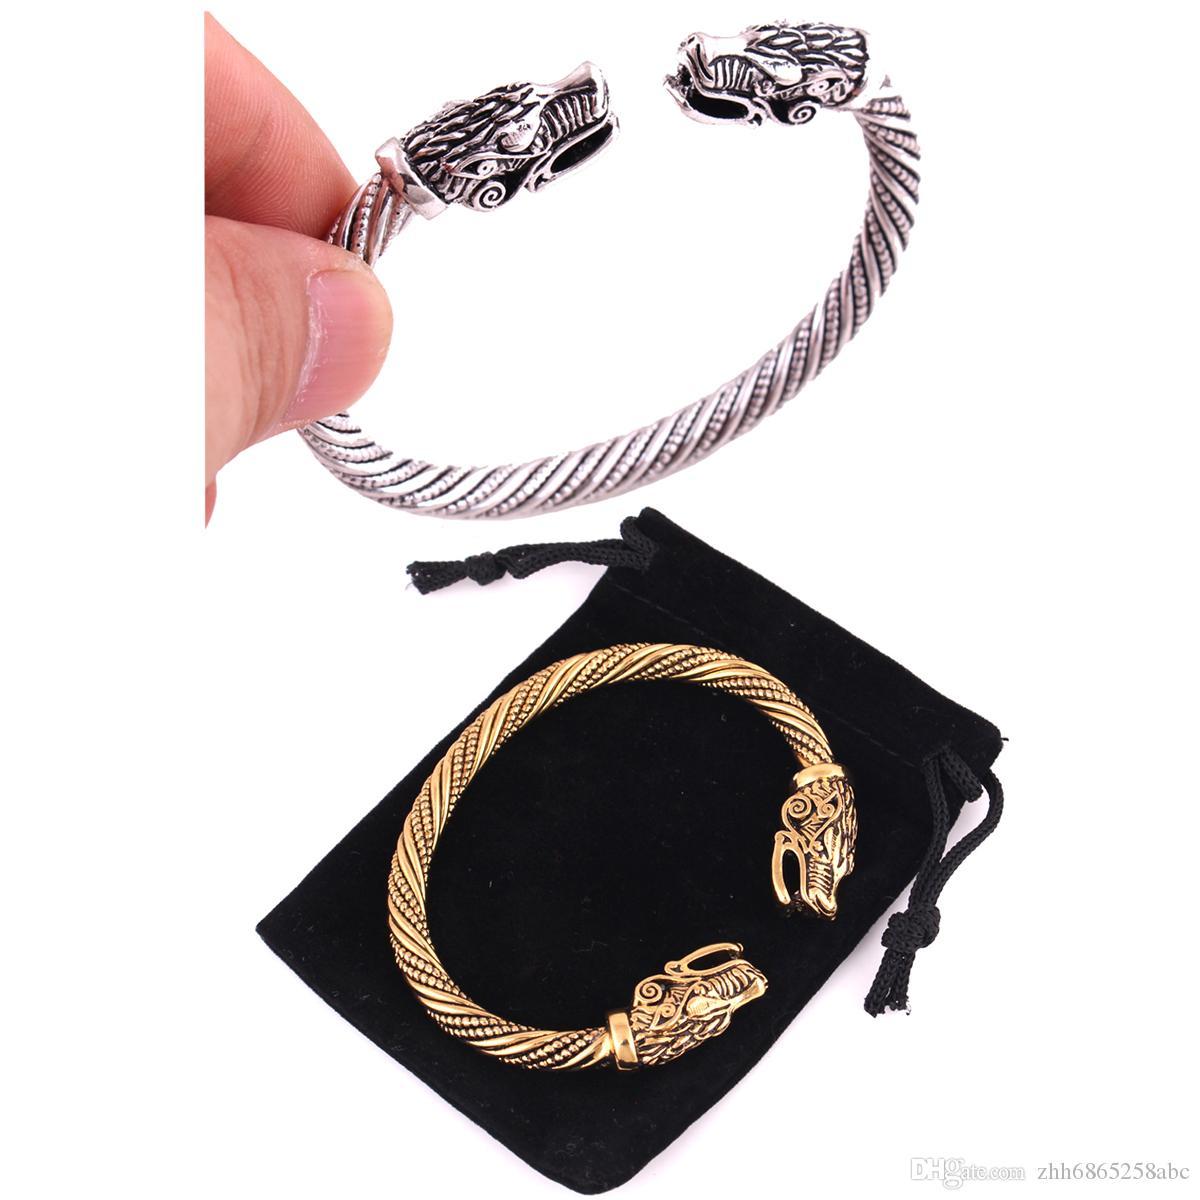 Wicca Amuleto Salomão Pagan Jóias de Prata Ou Ouro Viking Pagan Lobo Gótico Cabeça Estanho Pulseira Jóias Nórdica Totem Viking Pulseira